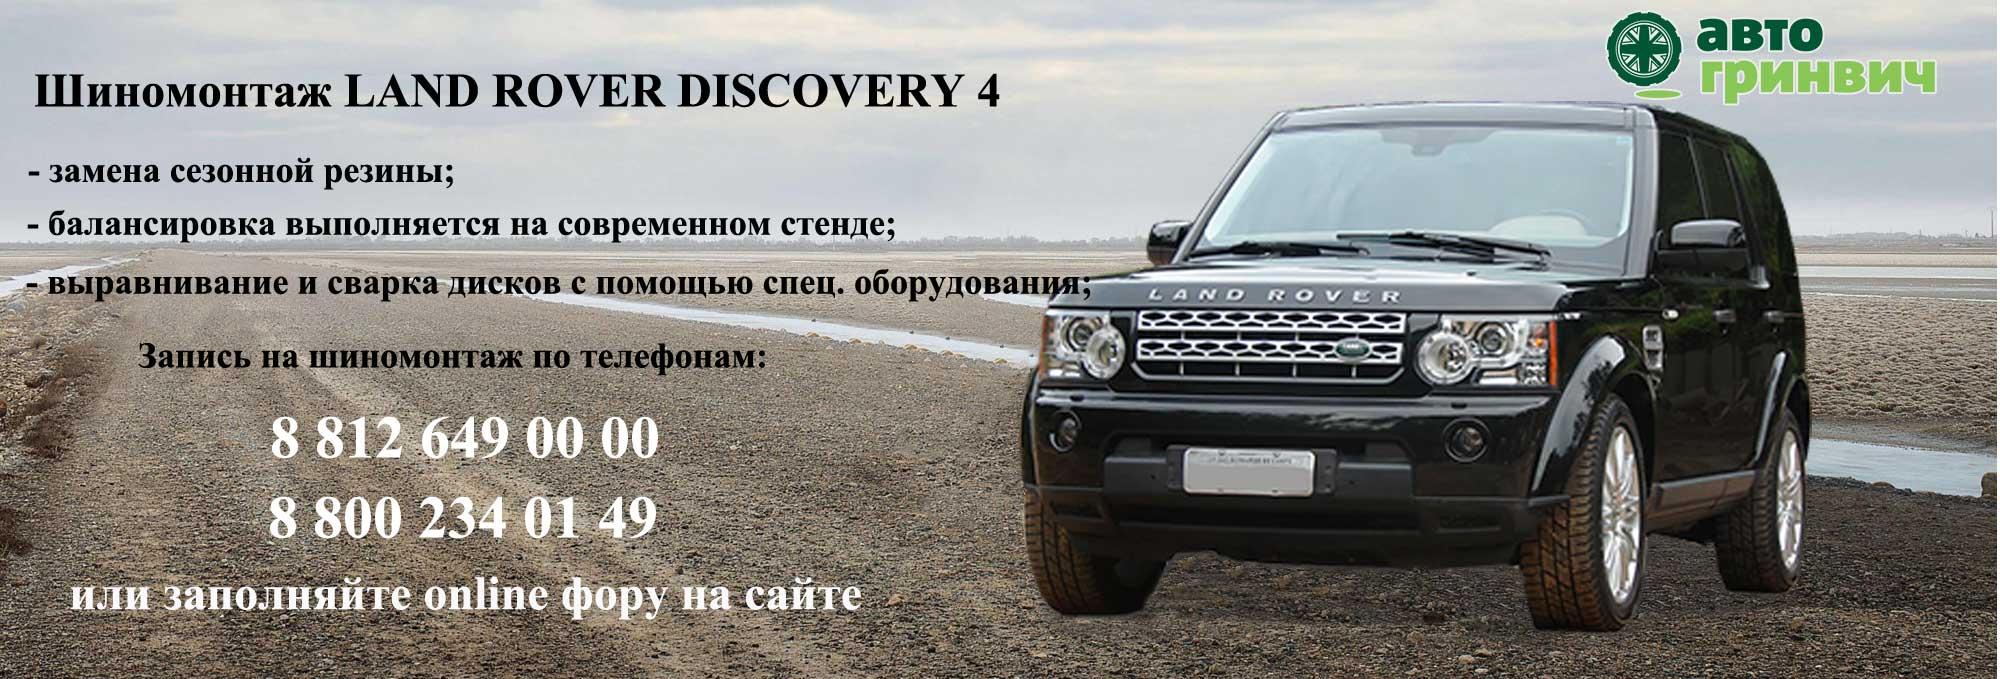 Шиномонтаж Discovery 4